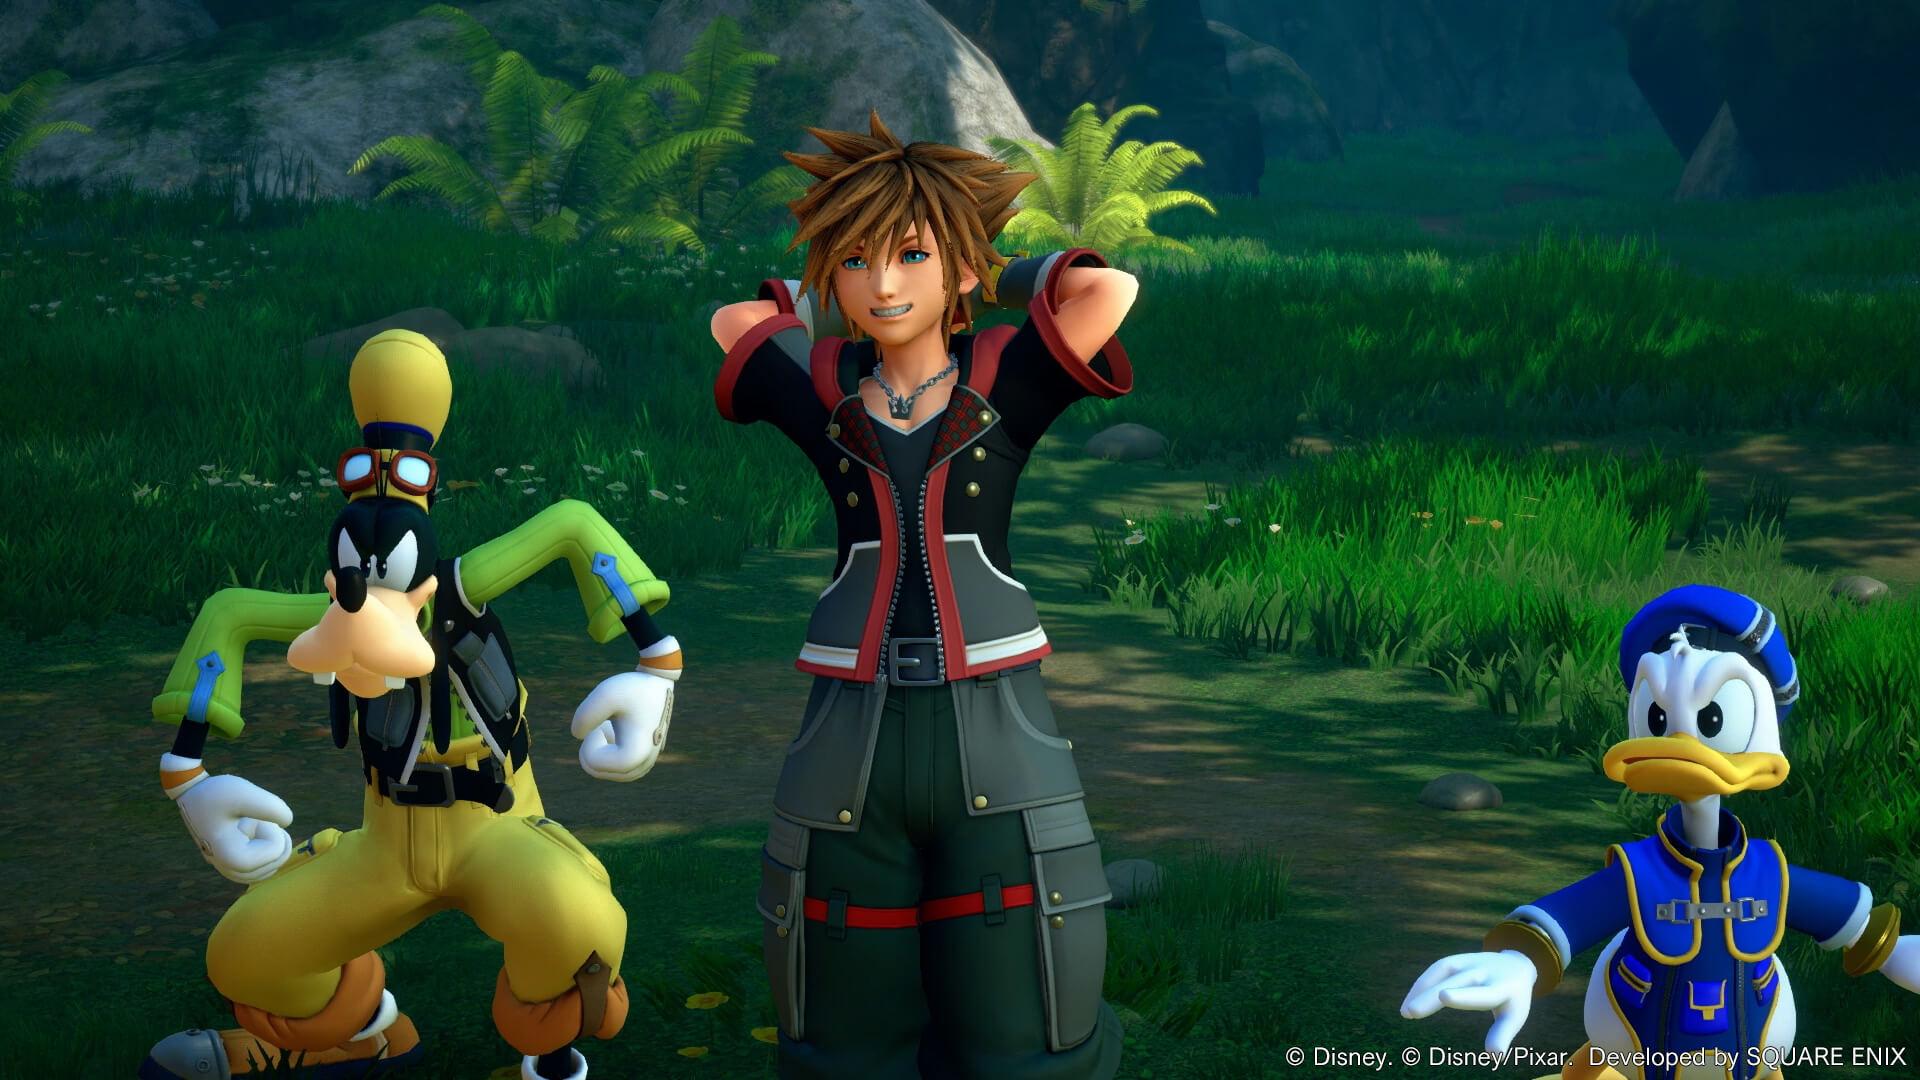 Kingdom Hearts Iii Re Mind Story